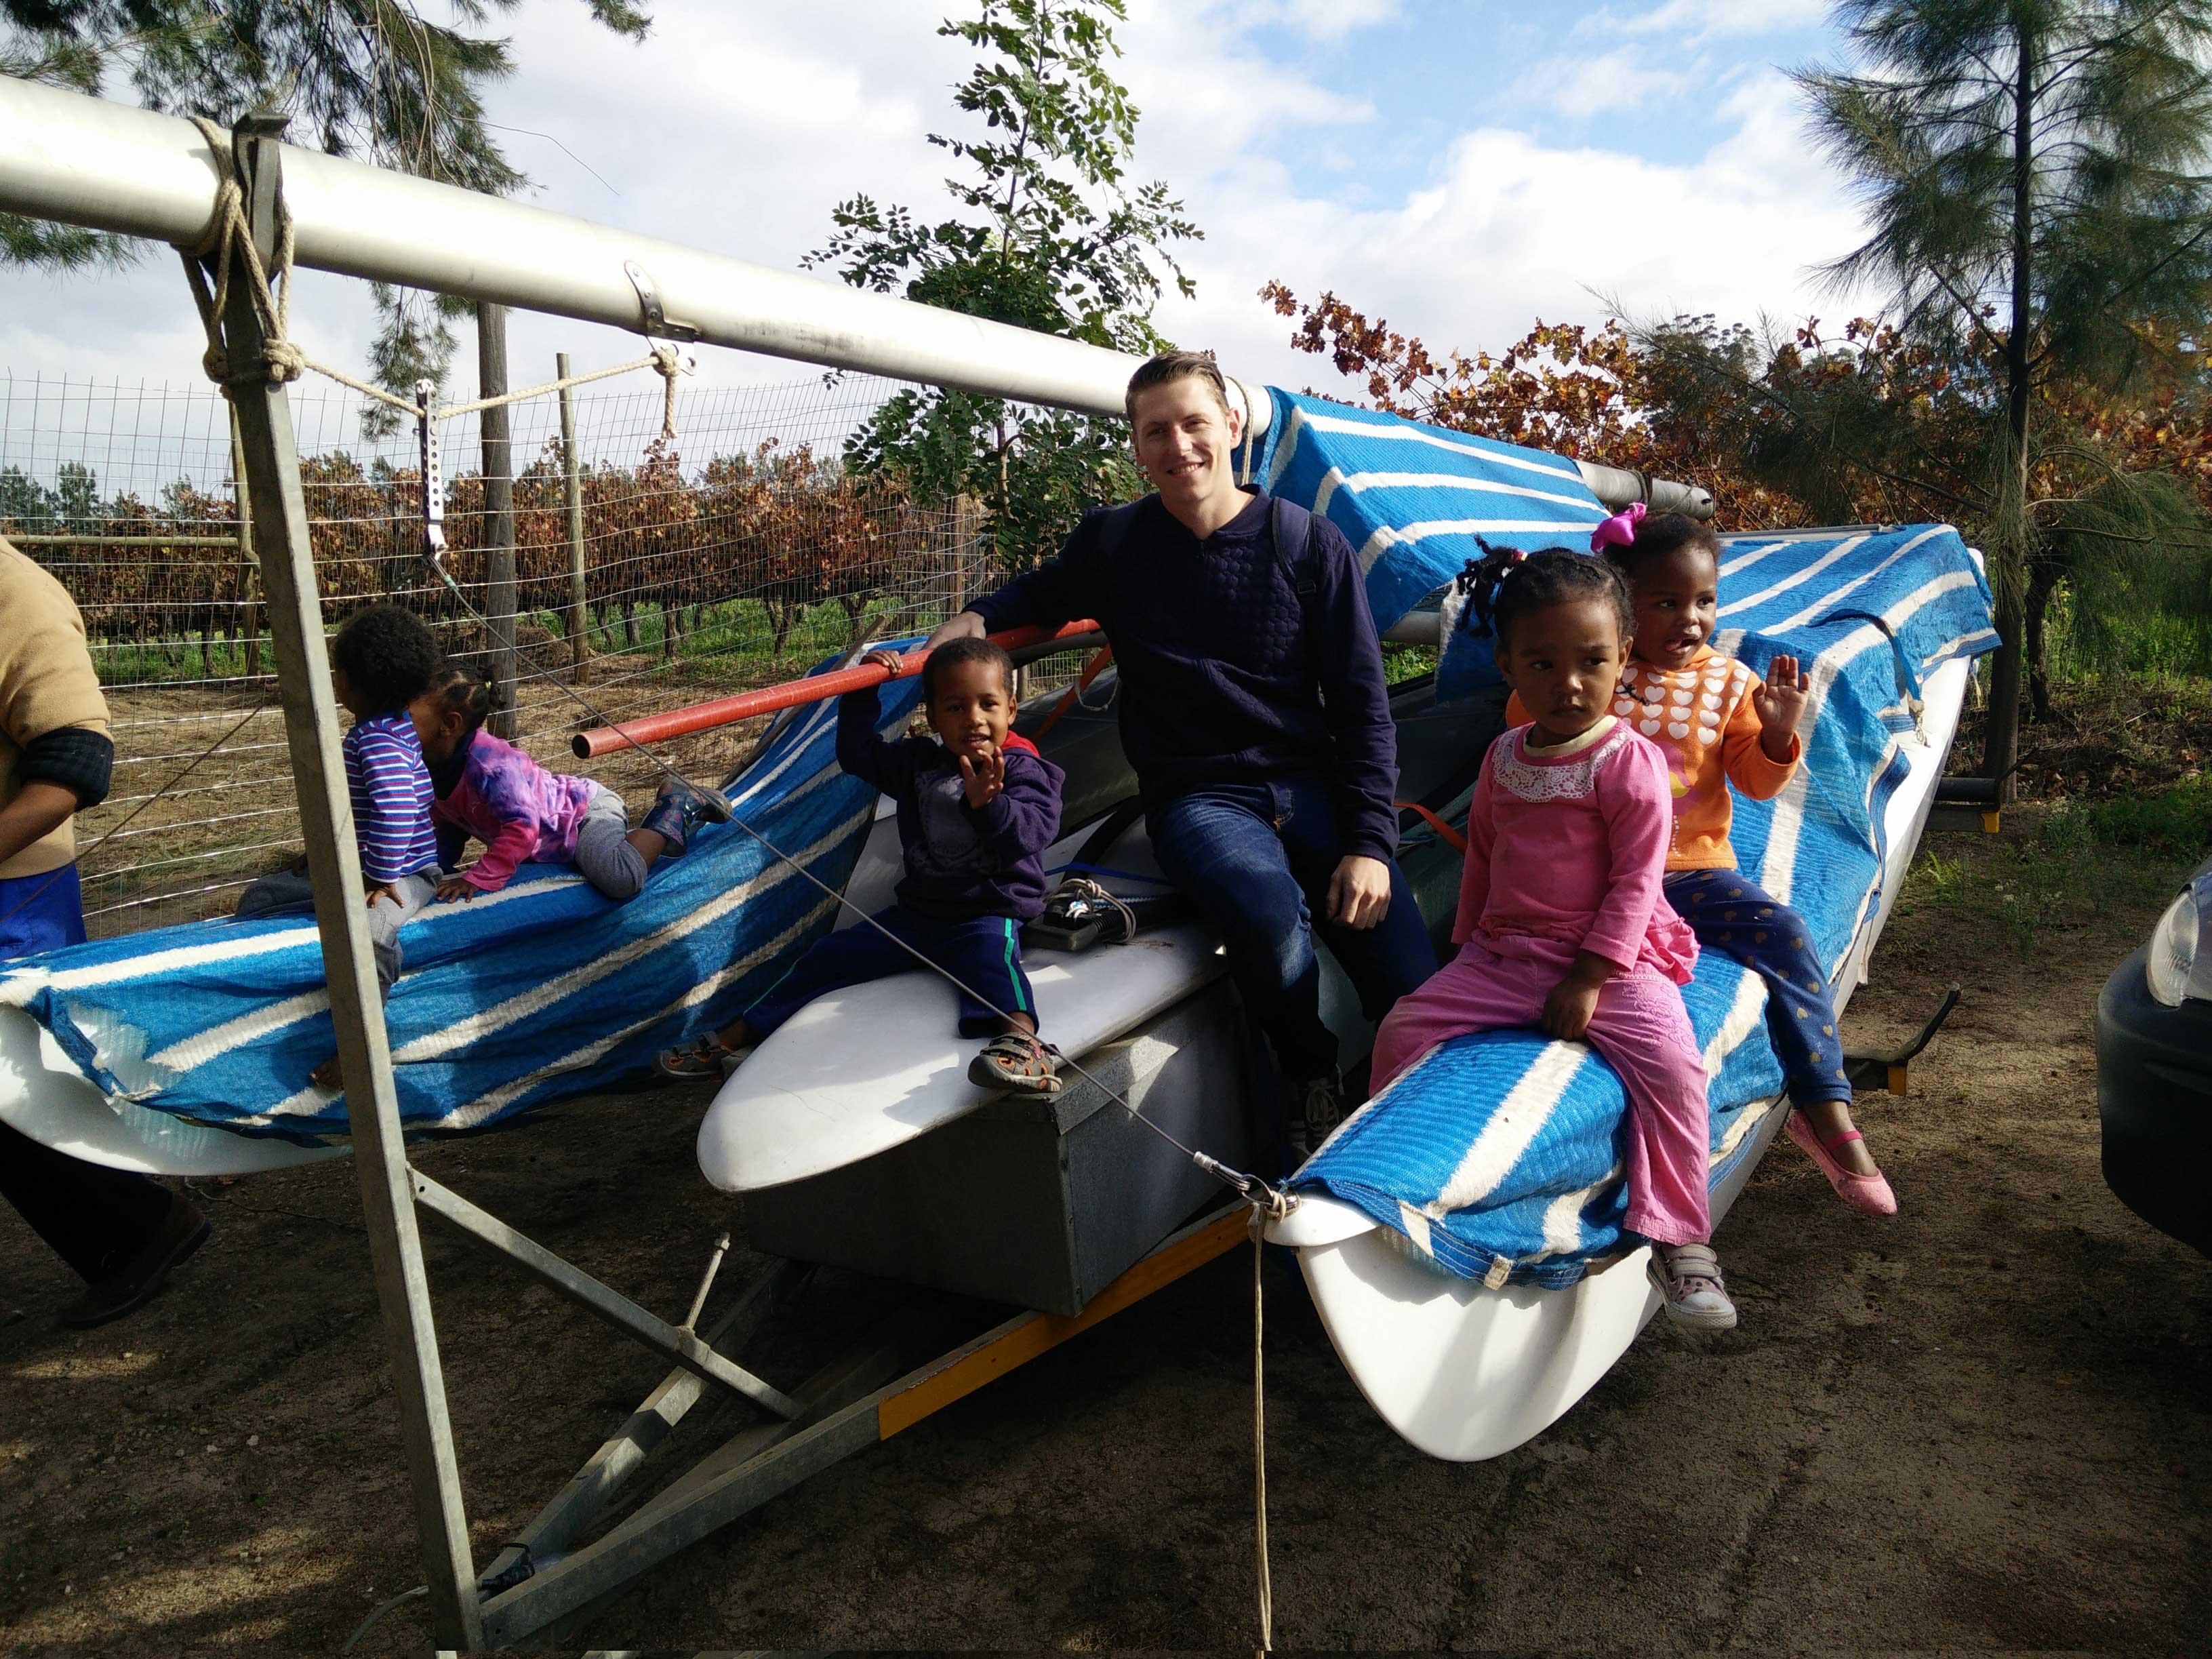 Crèche project Stellenbosch